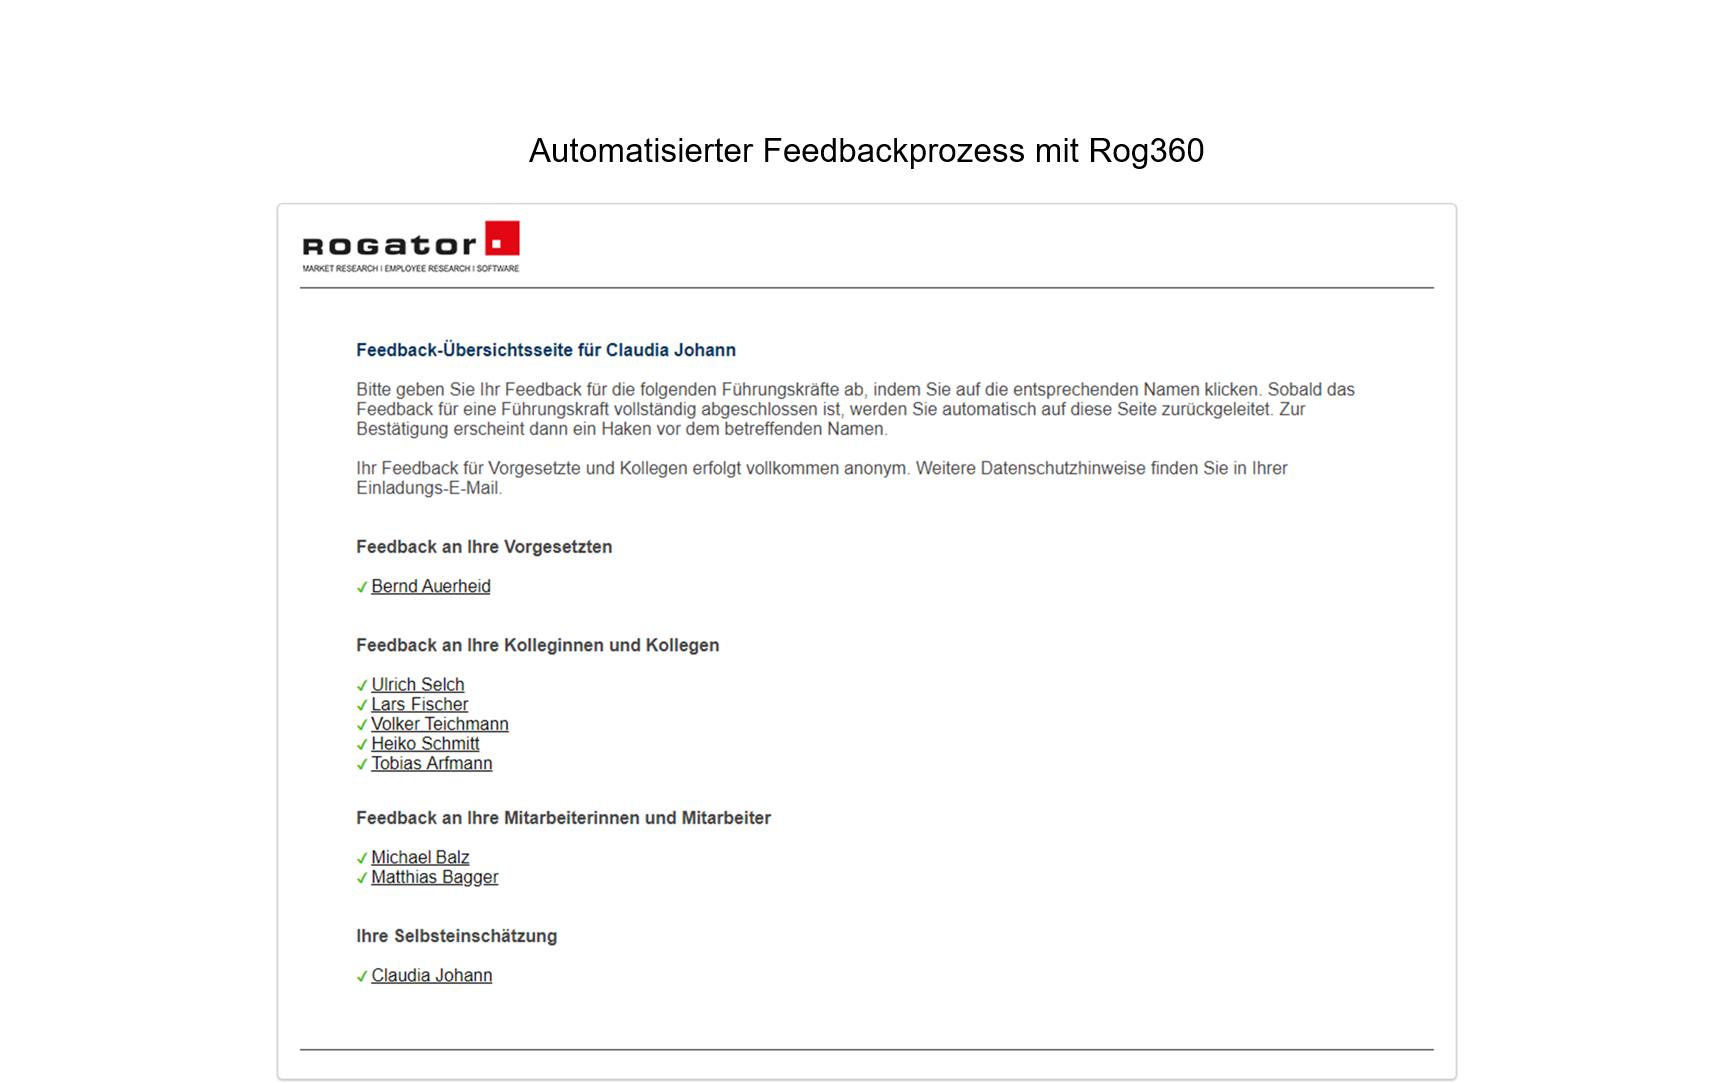 Feedbackautomatisierung_Fragebogenübersicht